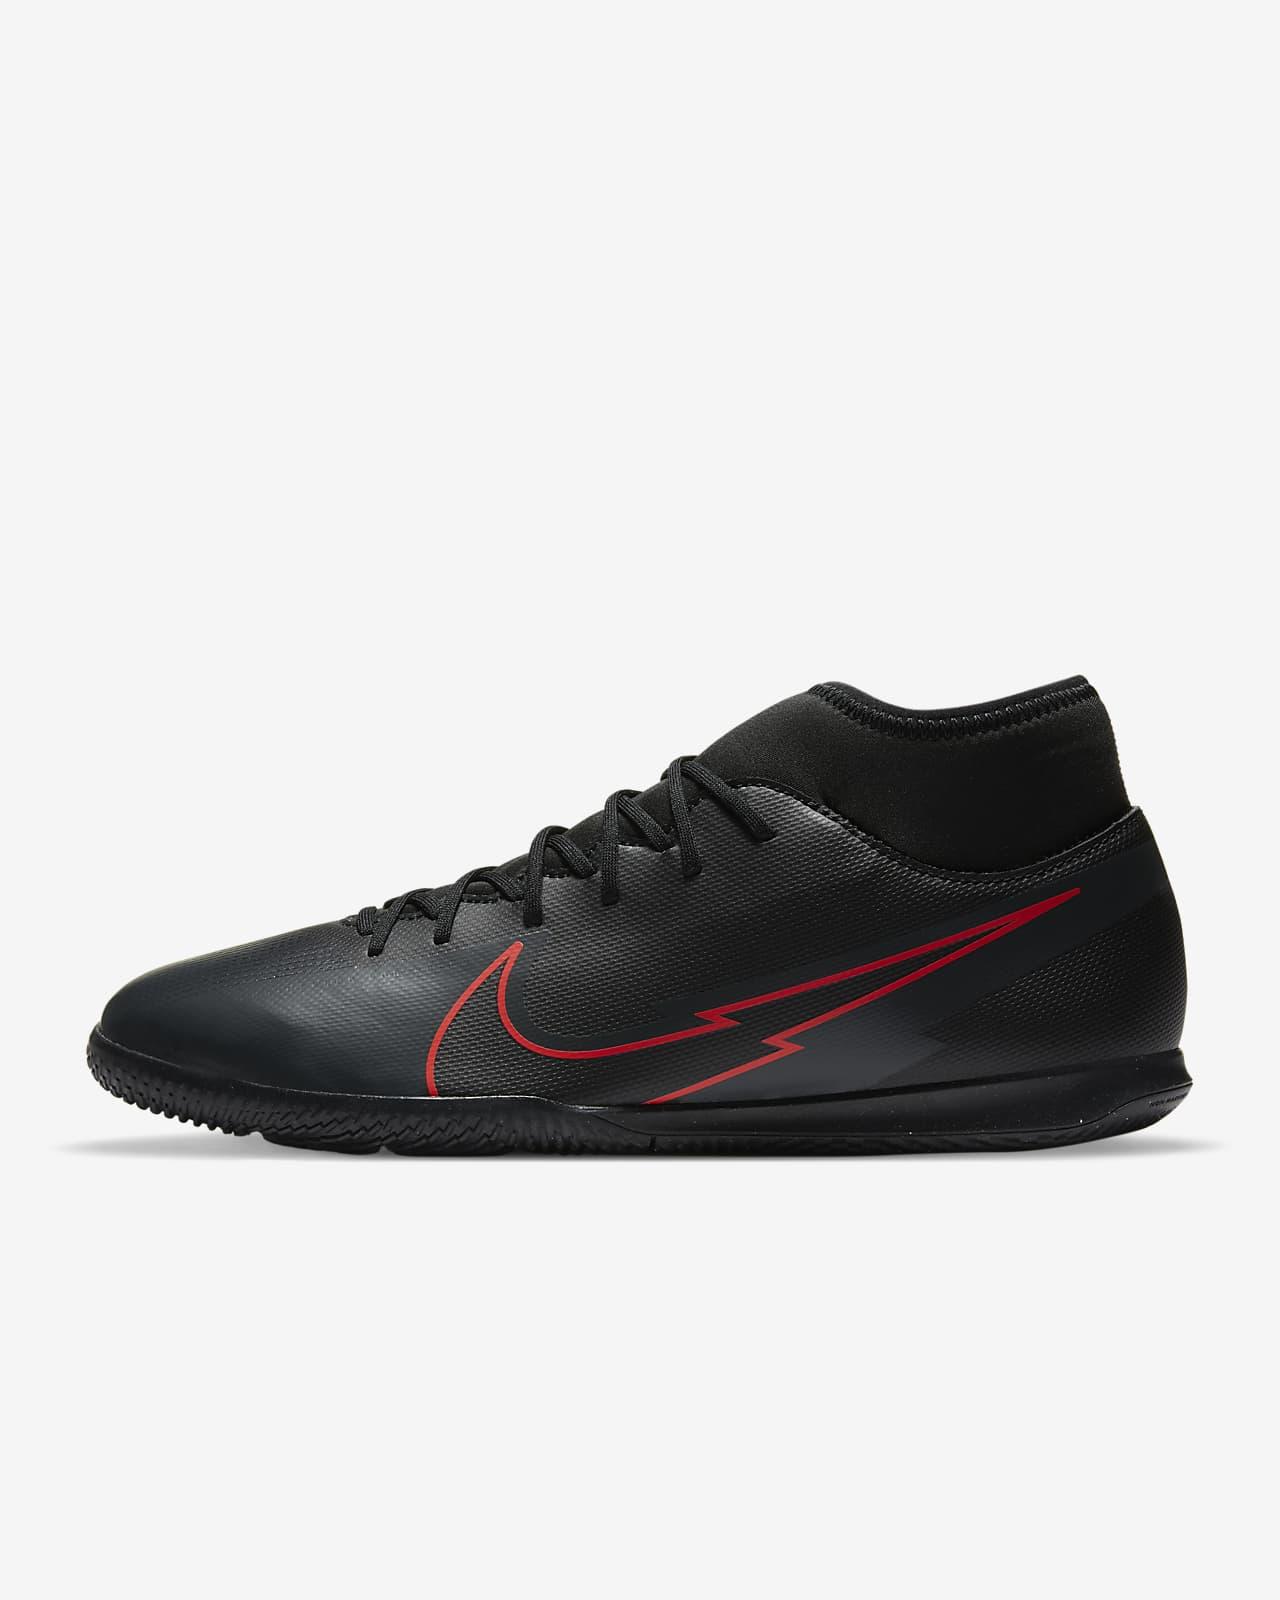 Nike Mercurial Superfly 7 Club IC Fußballschuh für Hallen- und Hartplätze